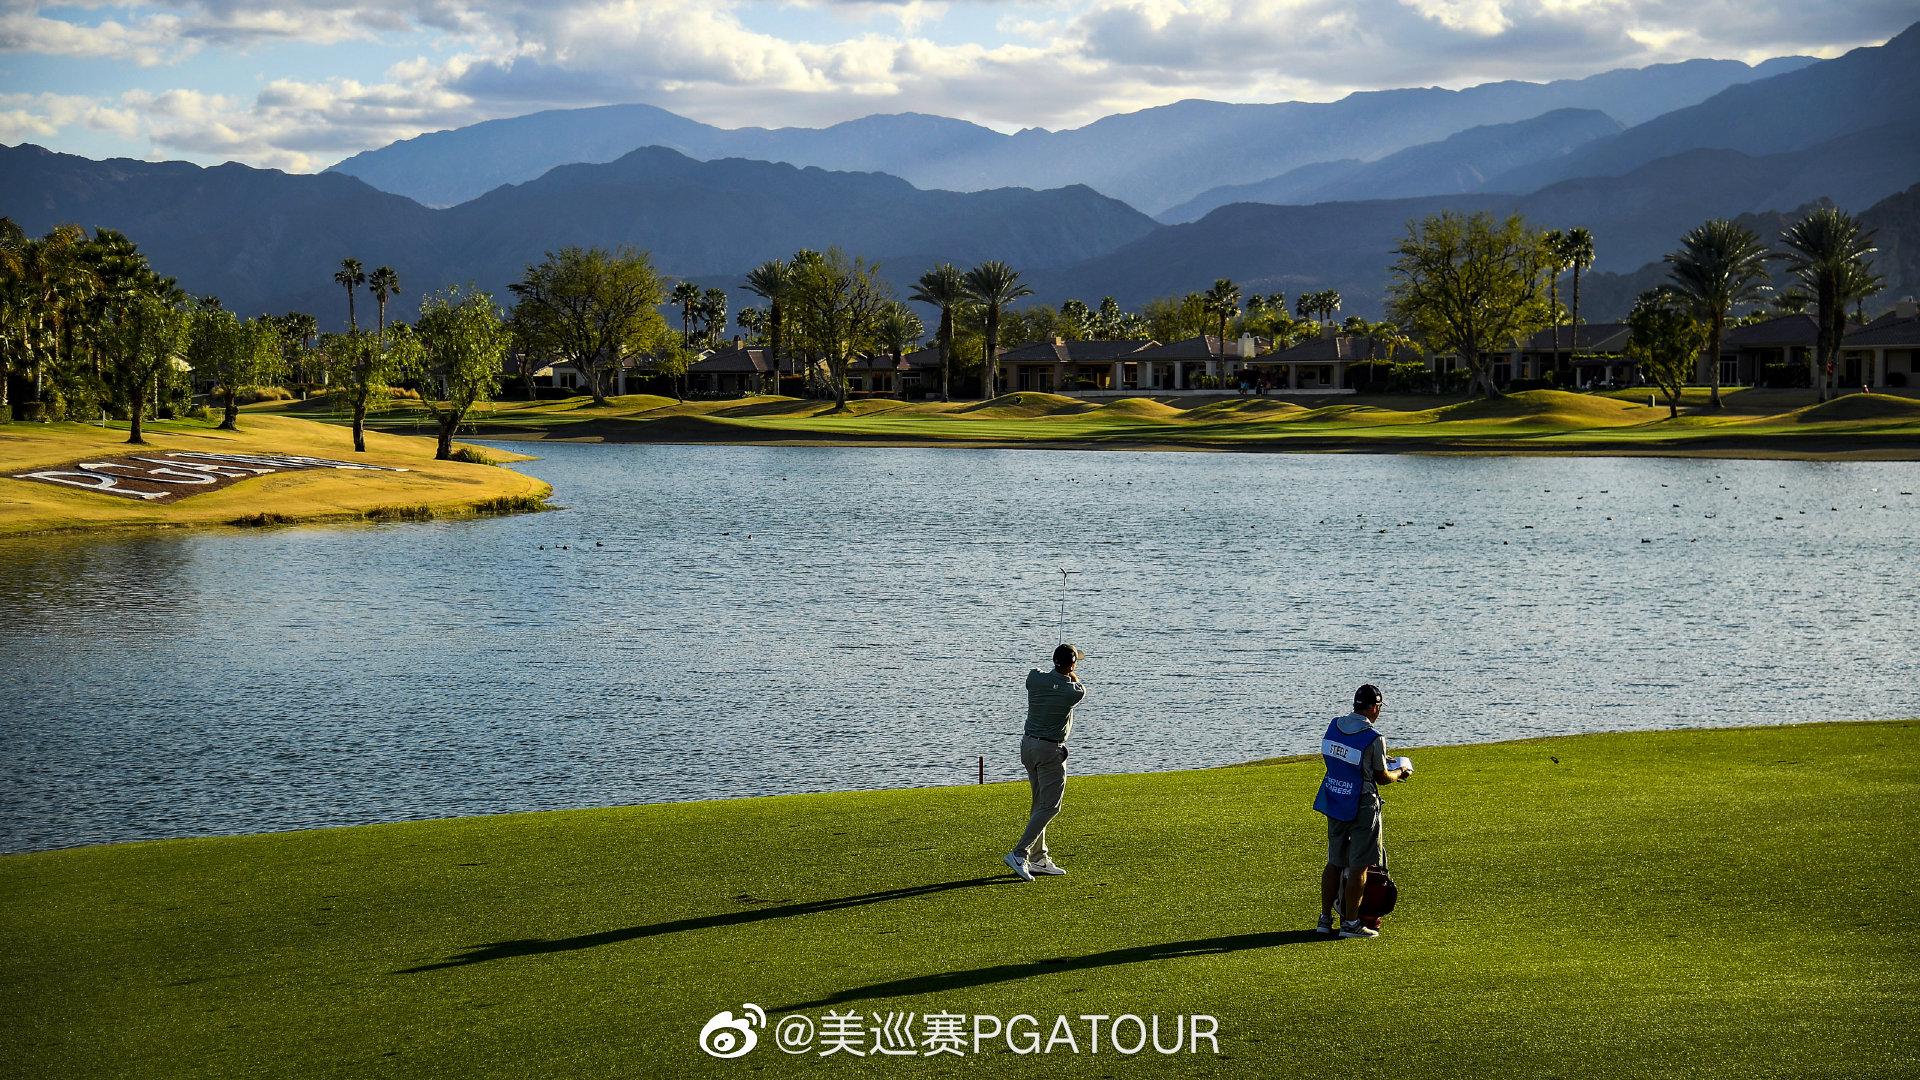 美丽的PGA西部俱乐部